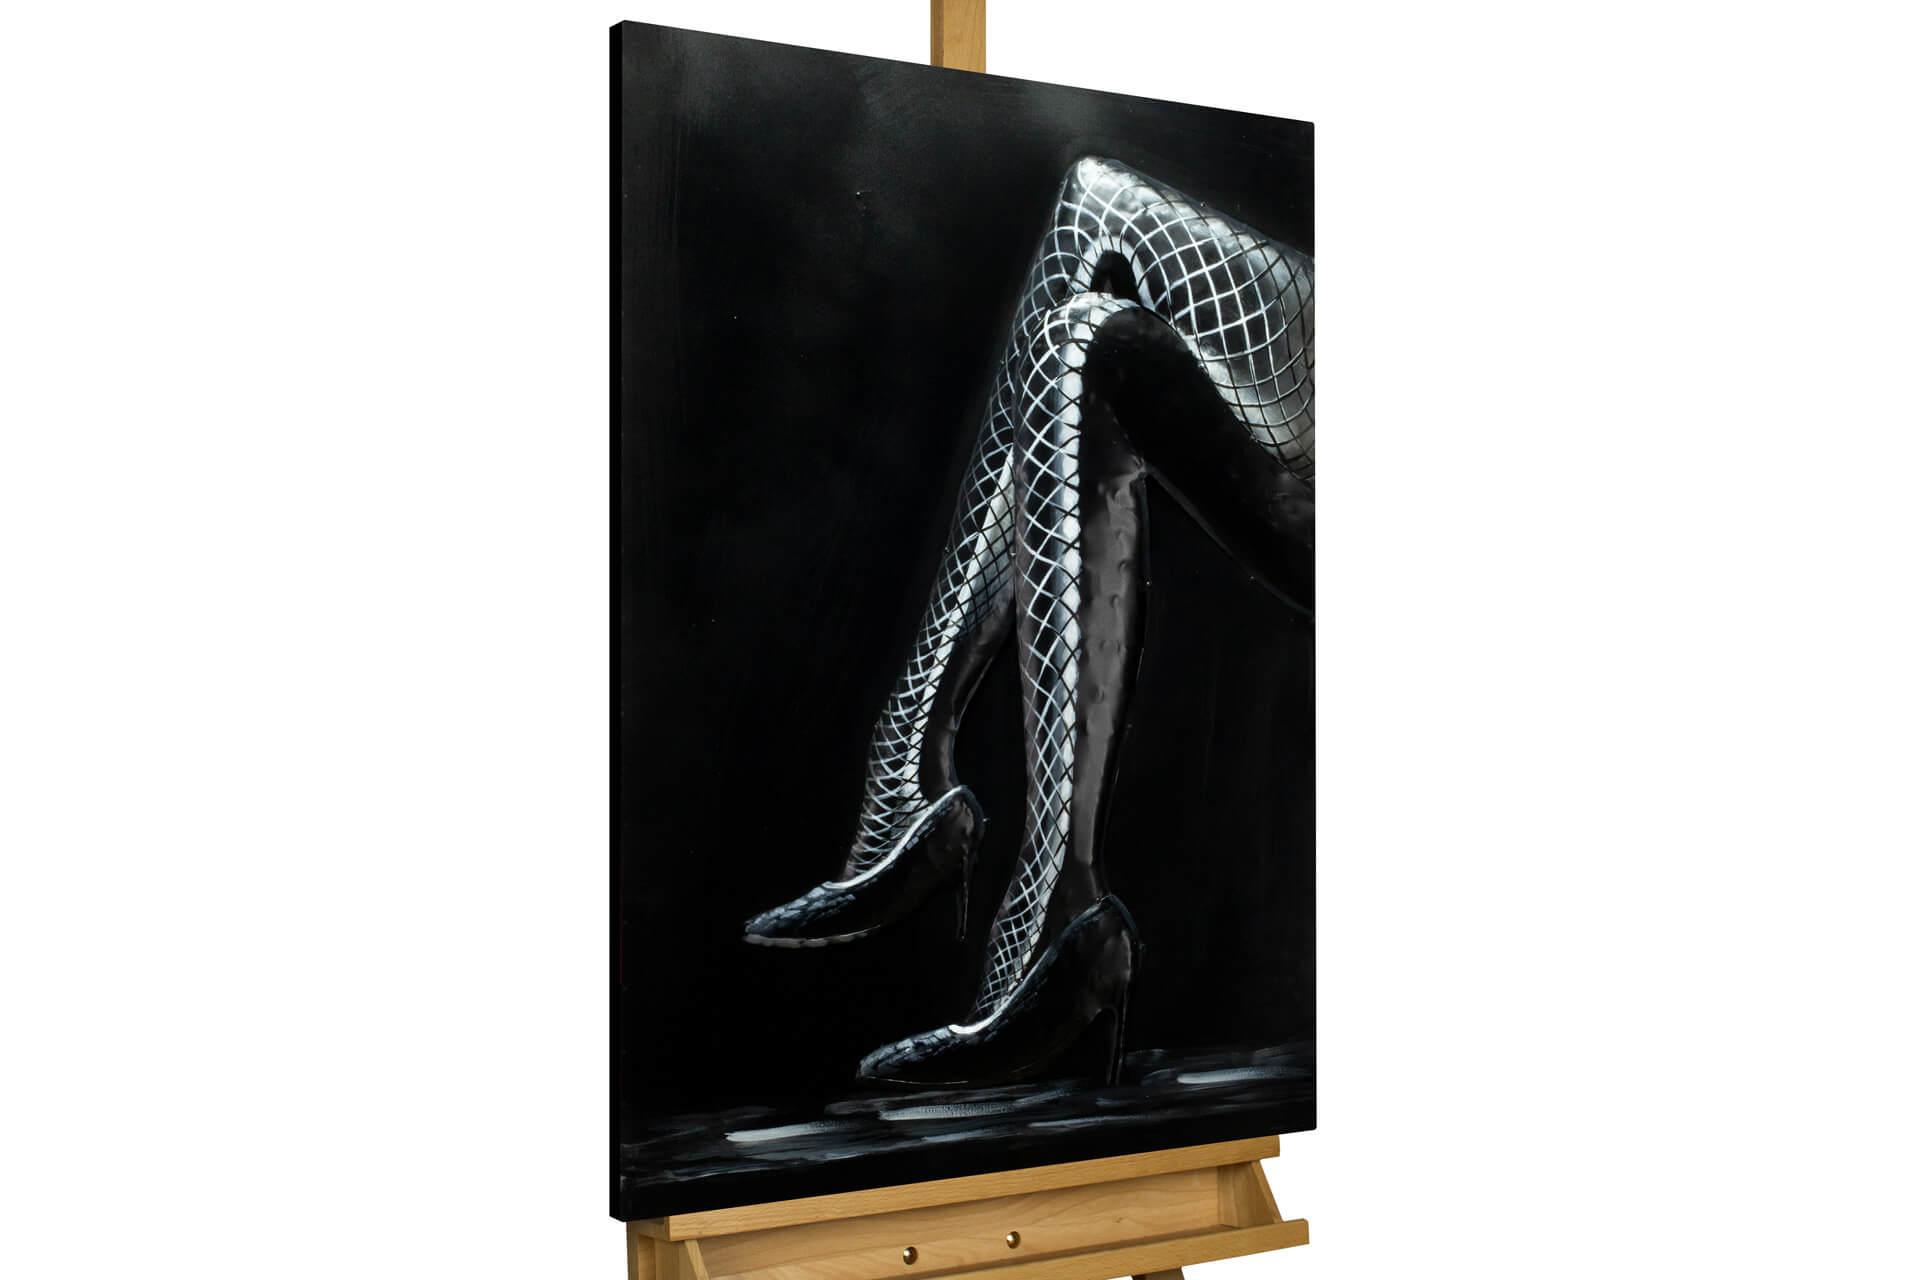 KL frau beine grau schwarz metall bilder metall wandbilder wanddeko wandskulptur 01